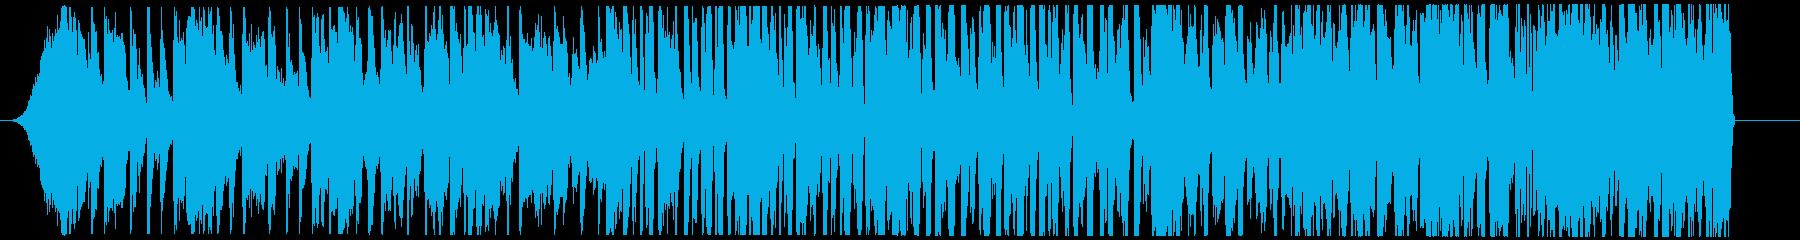 高揚感を煽るミステリアスなチルエレクトロの再生済みの波形